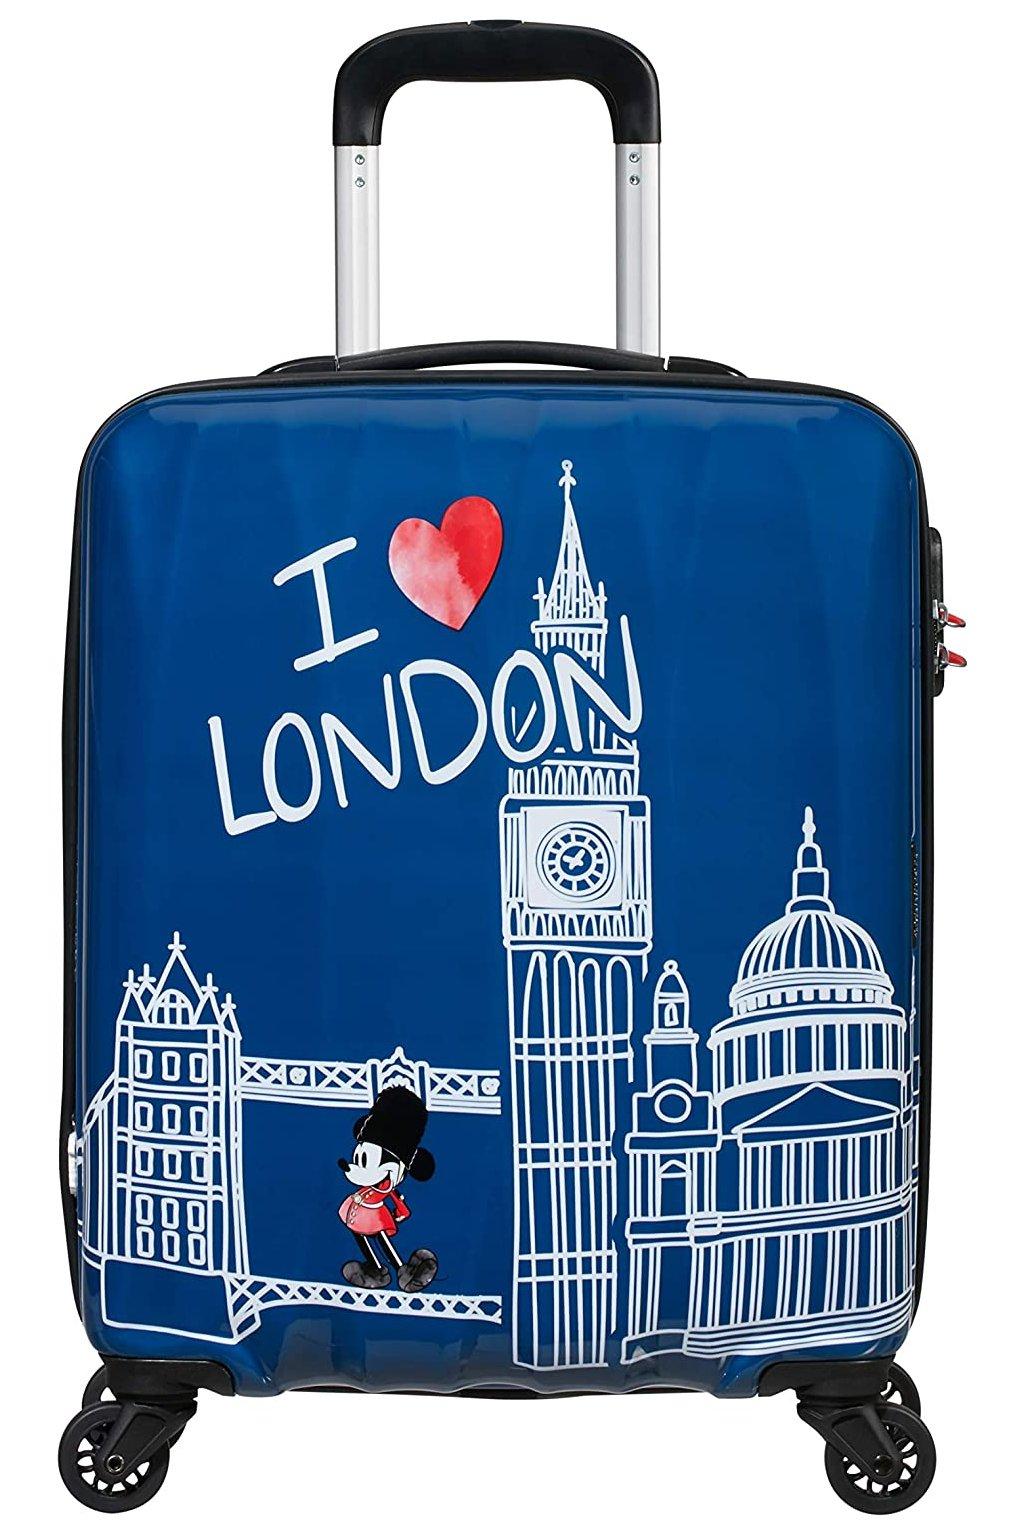 kufrland americantourister alfatwist takemeawaymickey london3